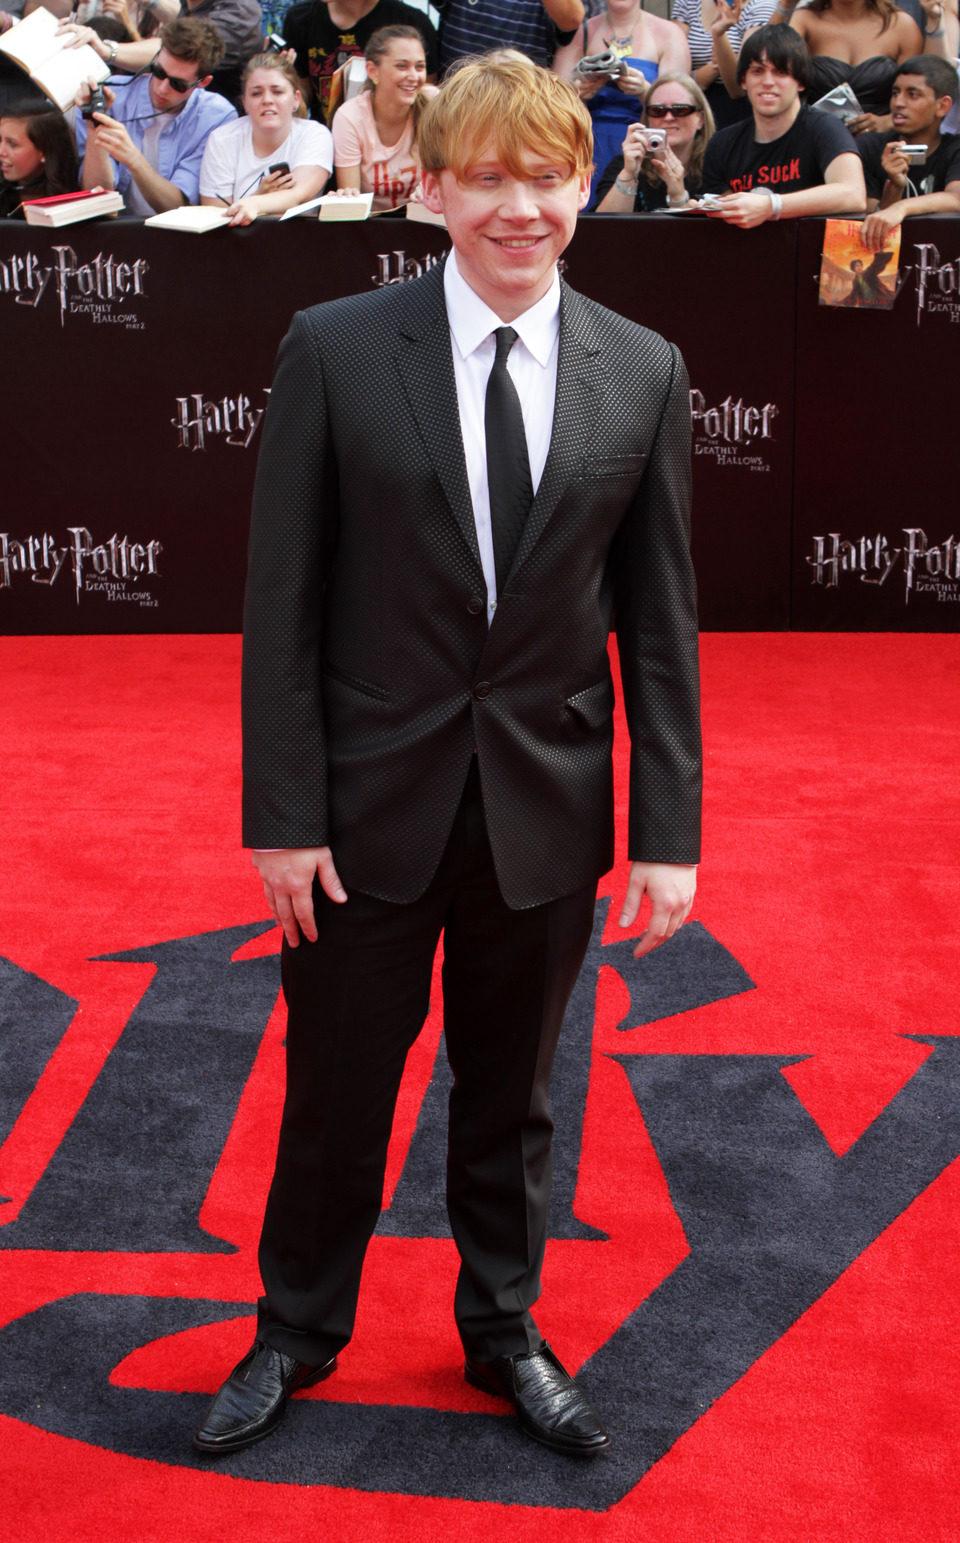 Harry Potter y las reliquias de la muerte: parte 2, fotograma 99 de 108